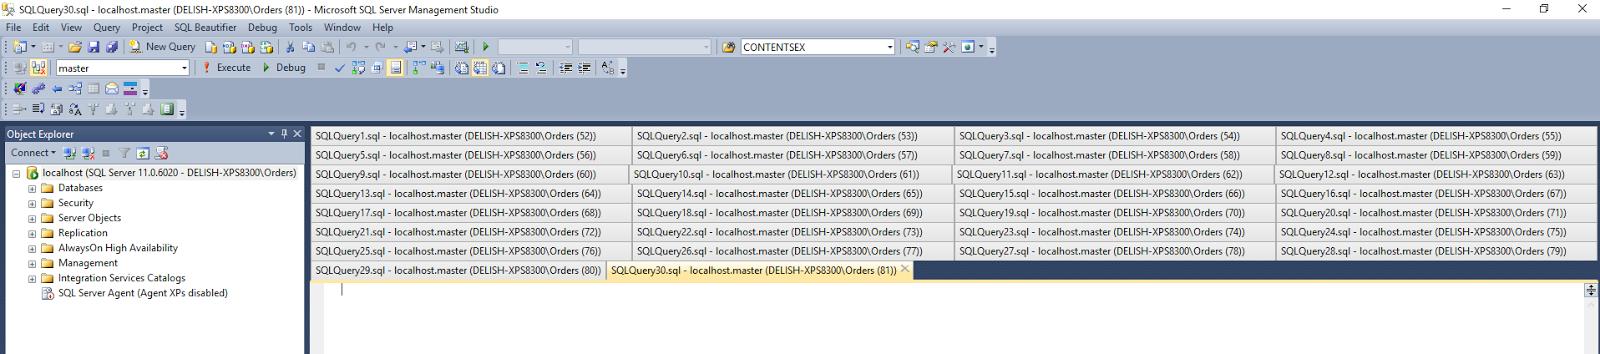 ApexSQL Search - Free SQL search | ApexSQL